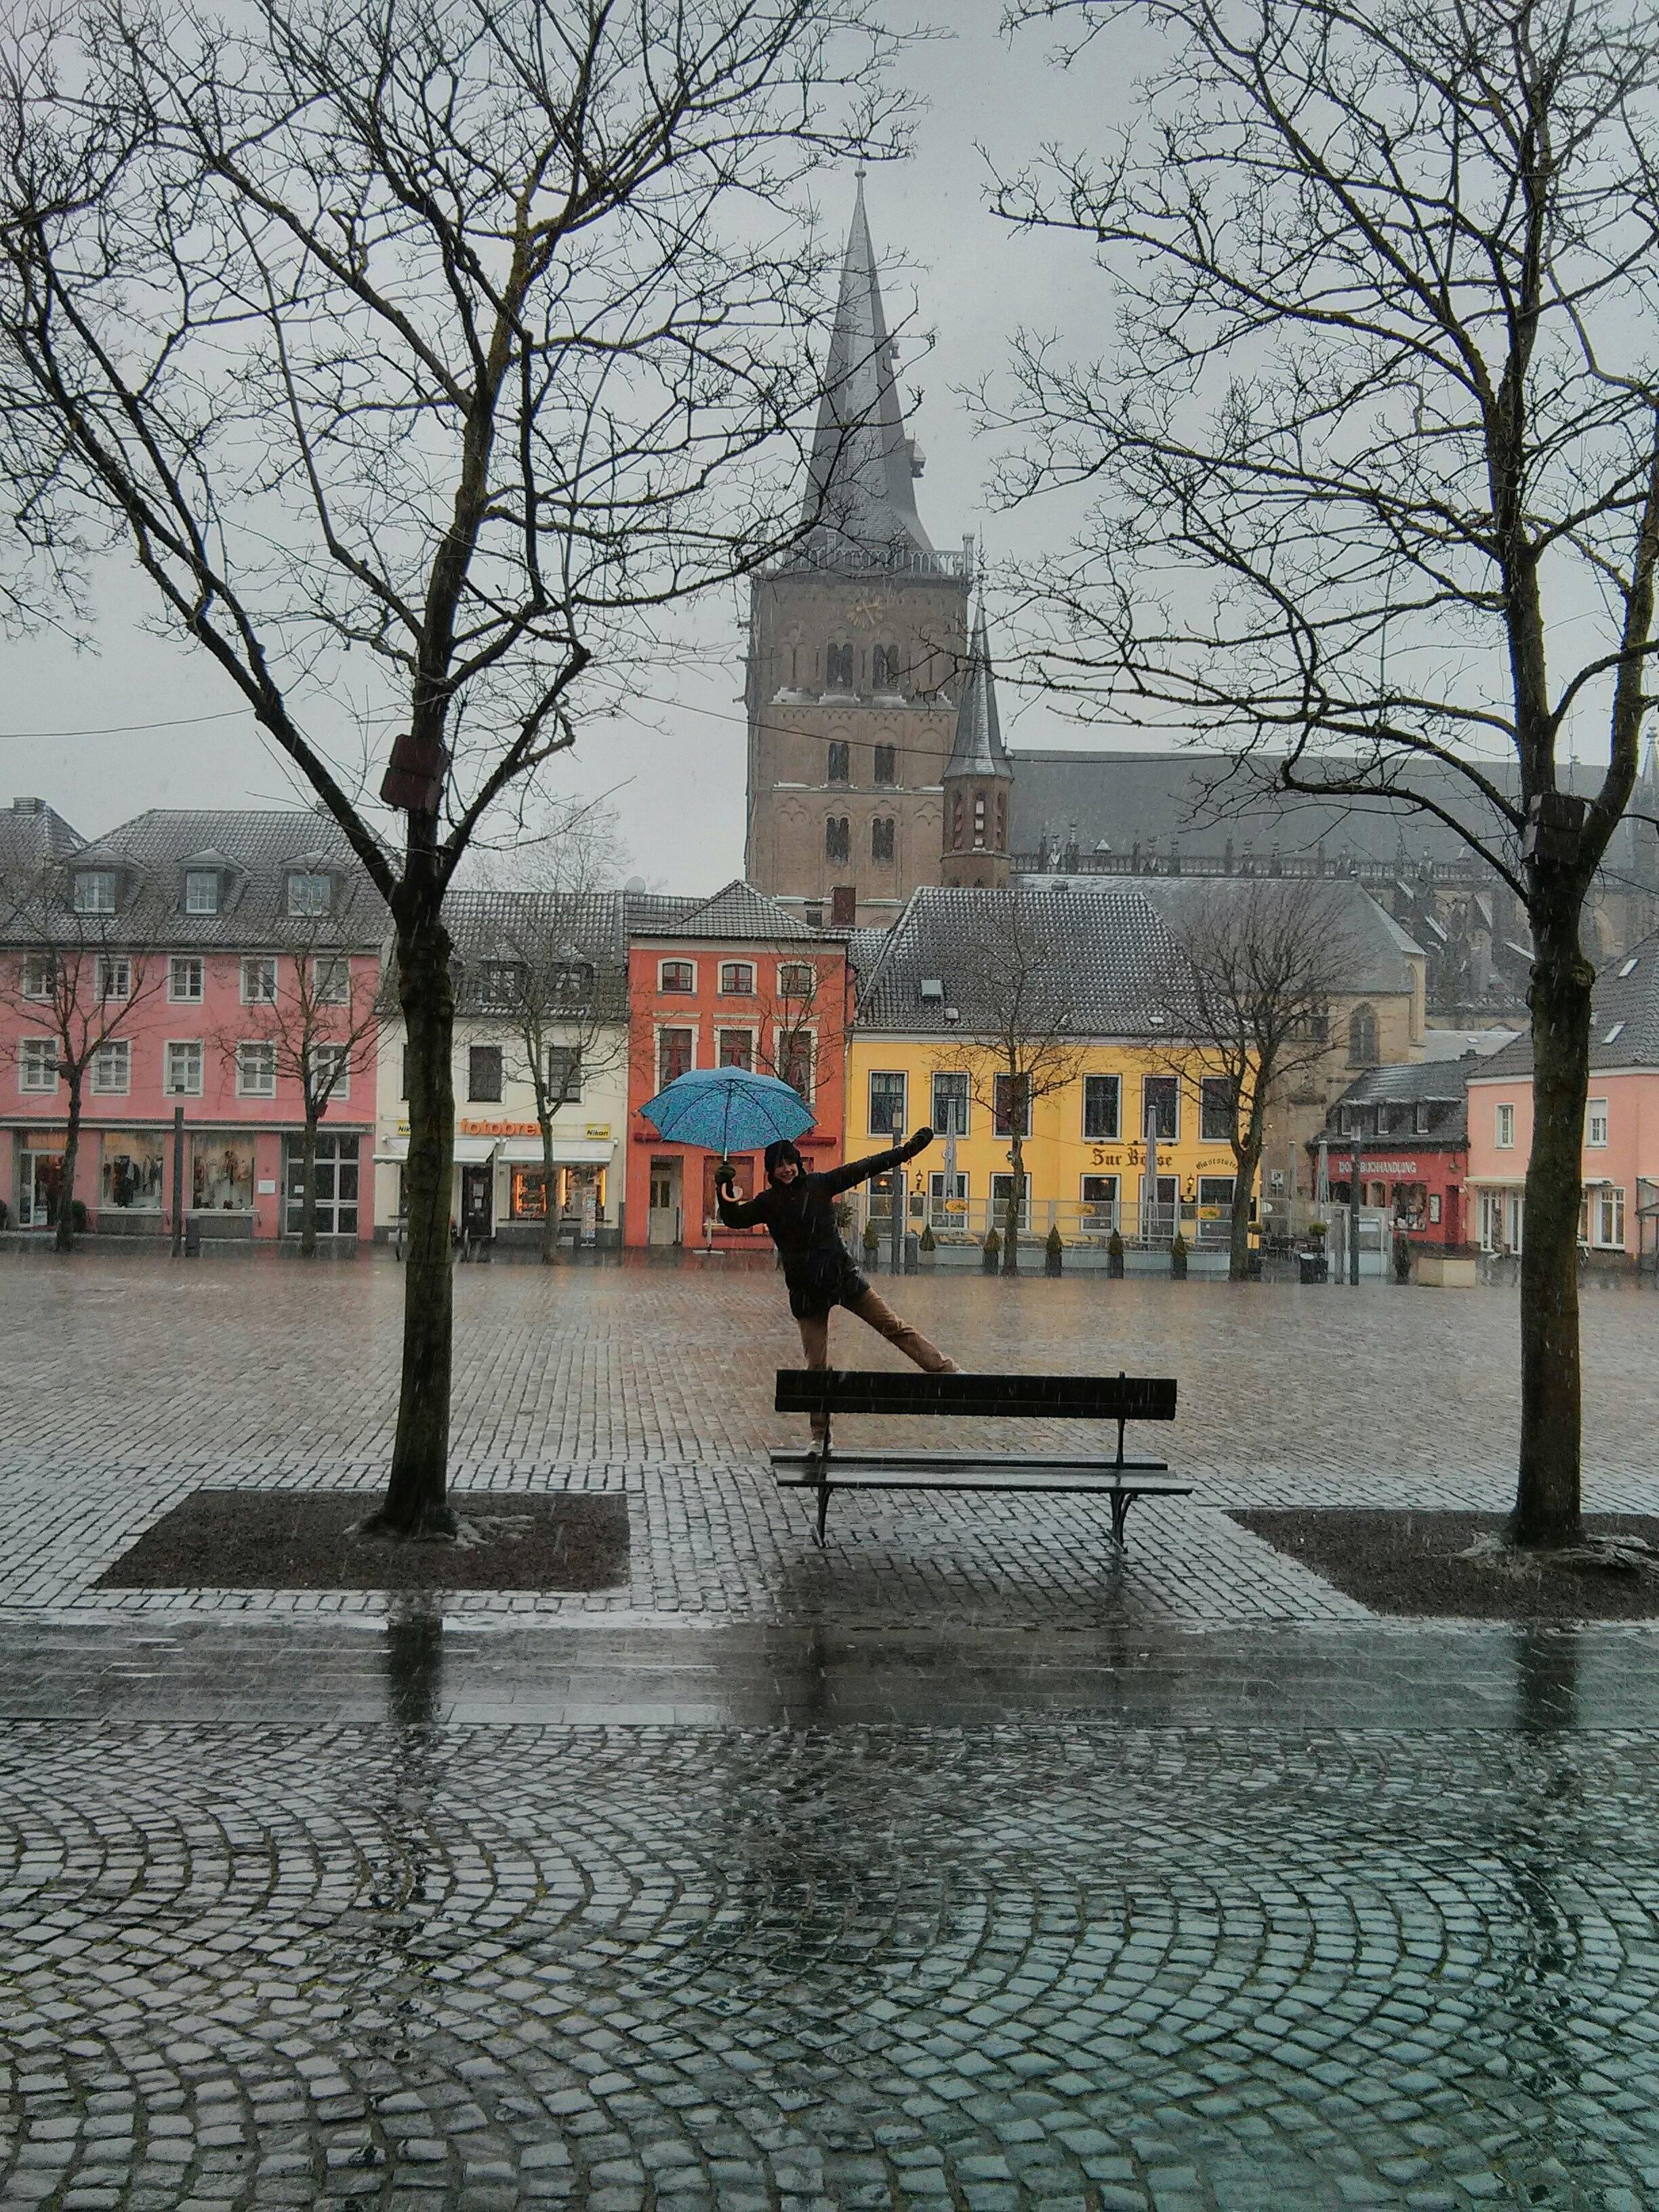 Nancy dancing in the rain in Xanten.